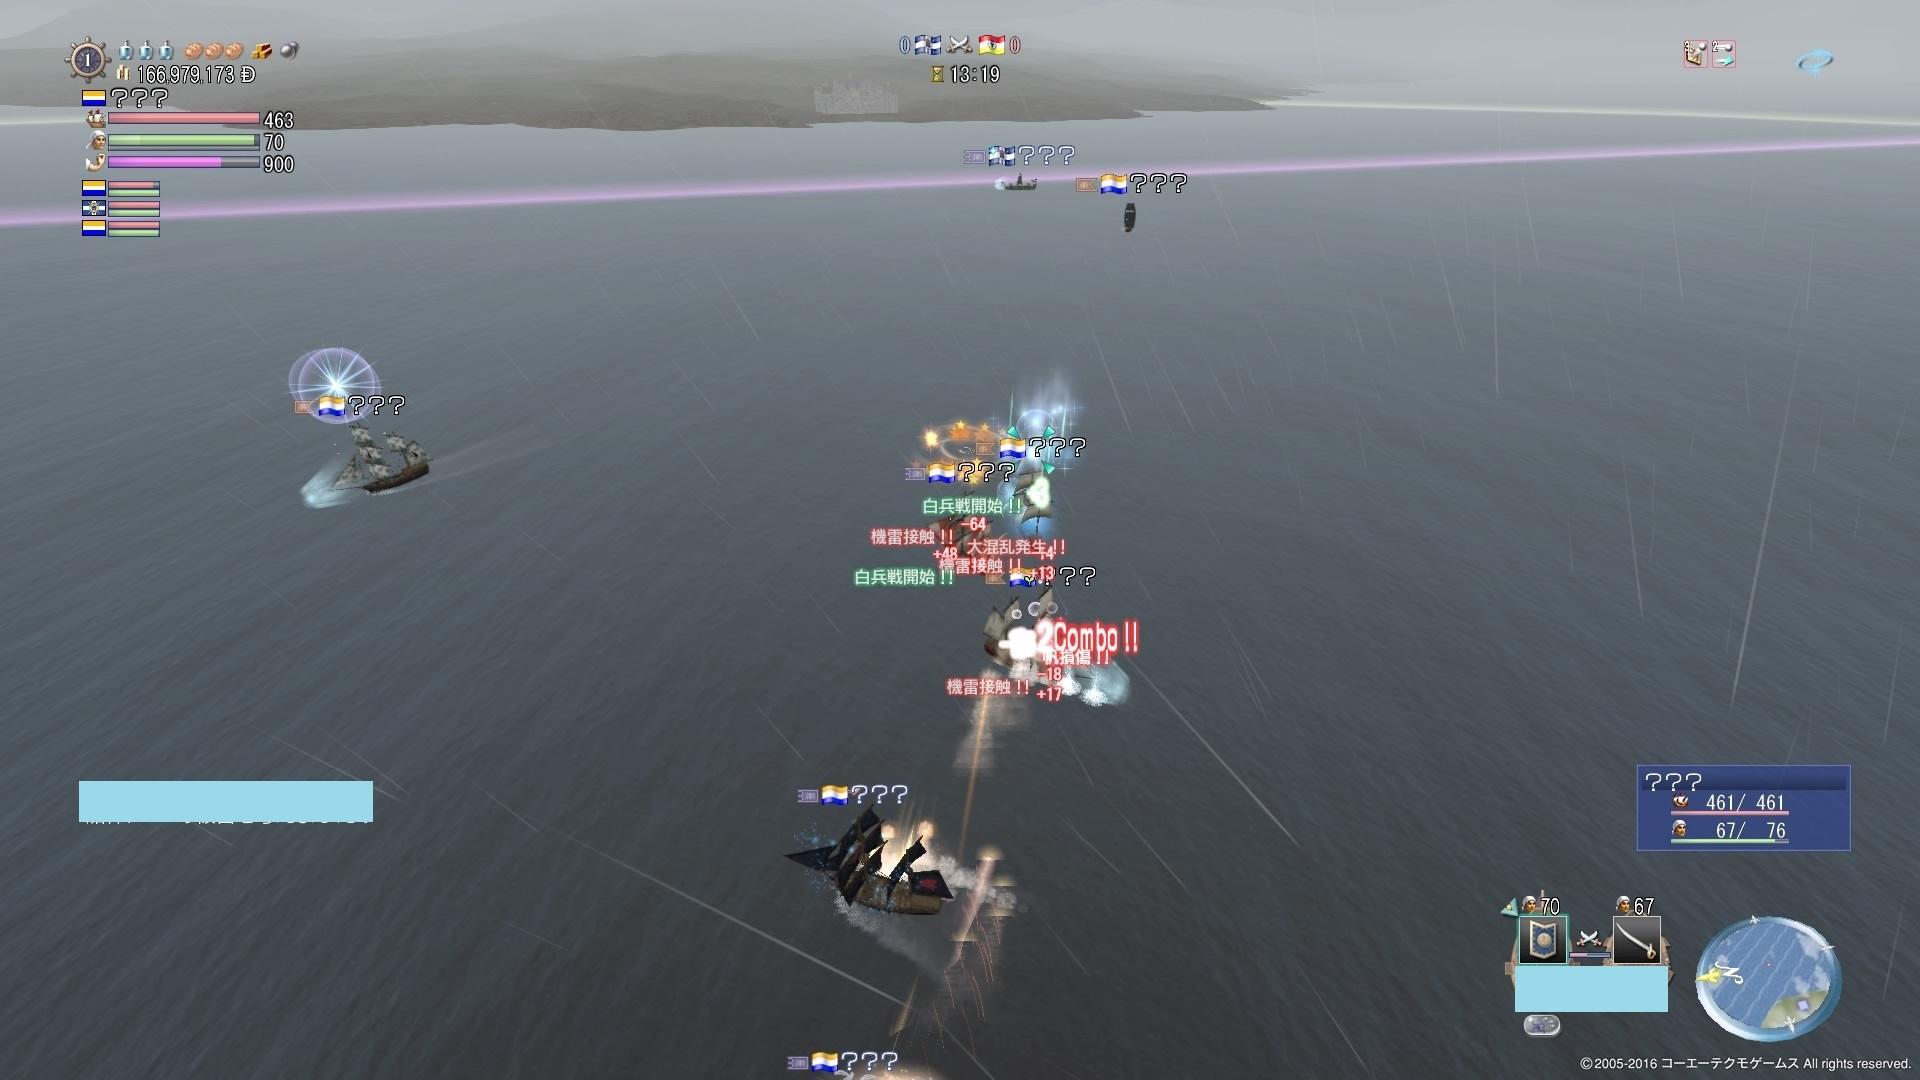 大航海時代 Online_49_2